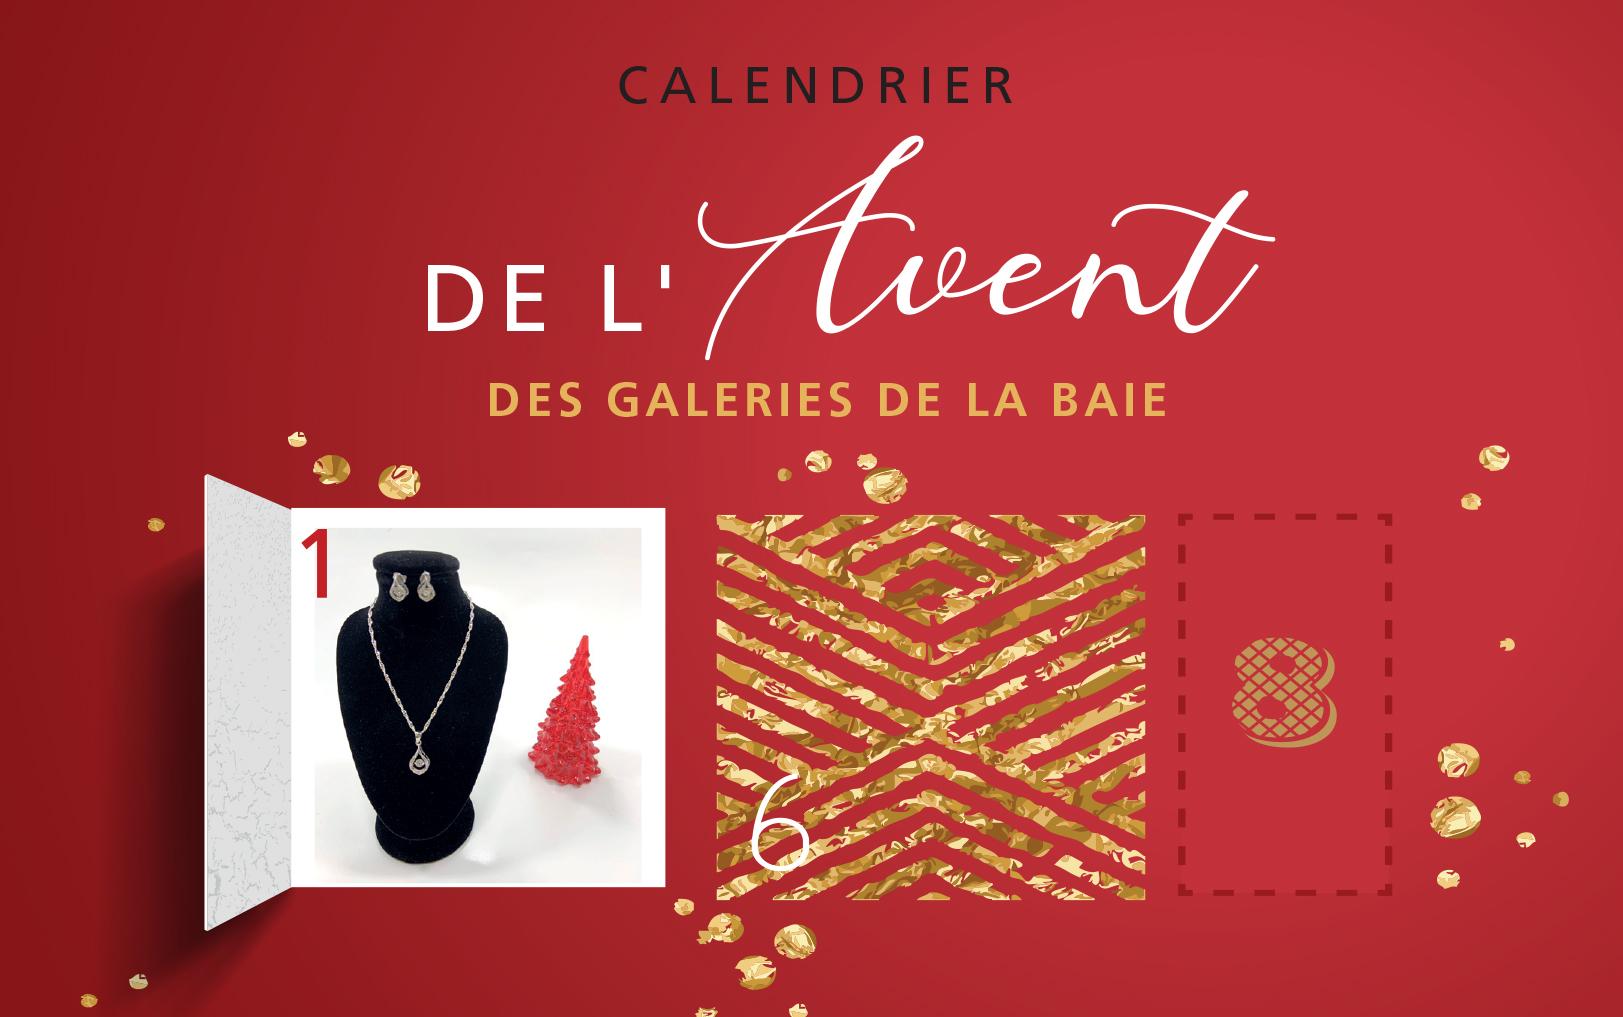 GaleriesdelaBaie_CalendrierAvent_Web